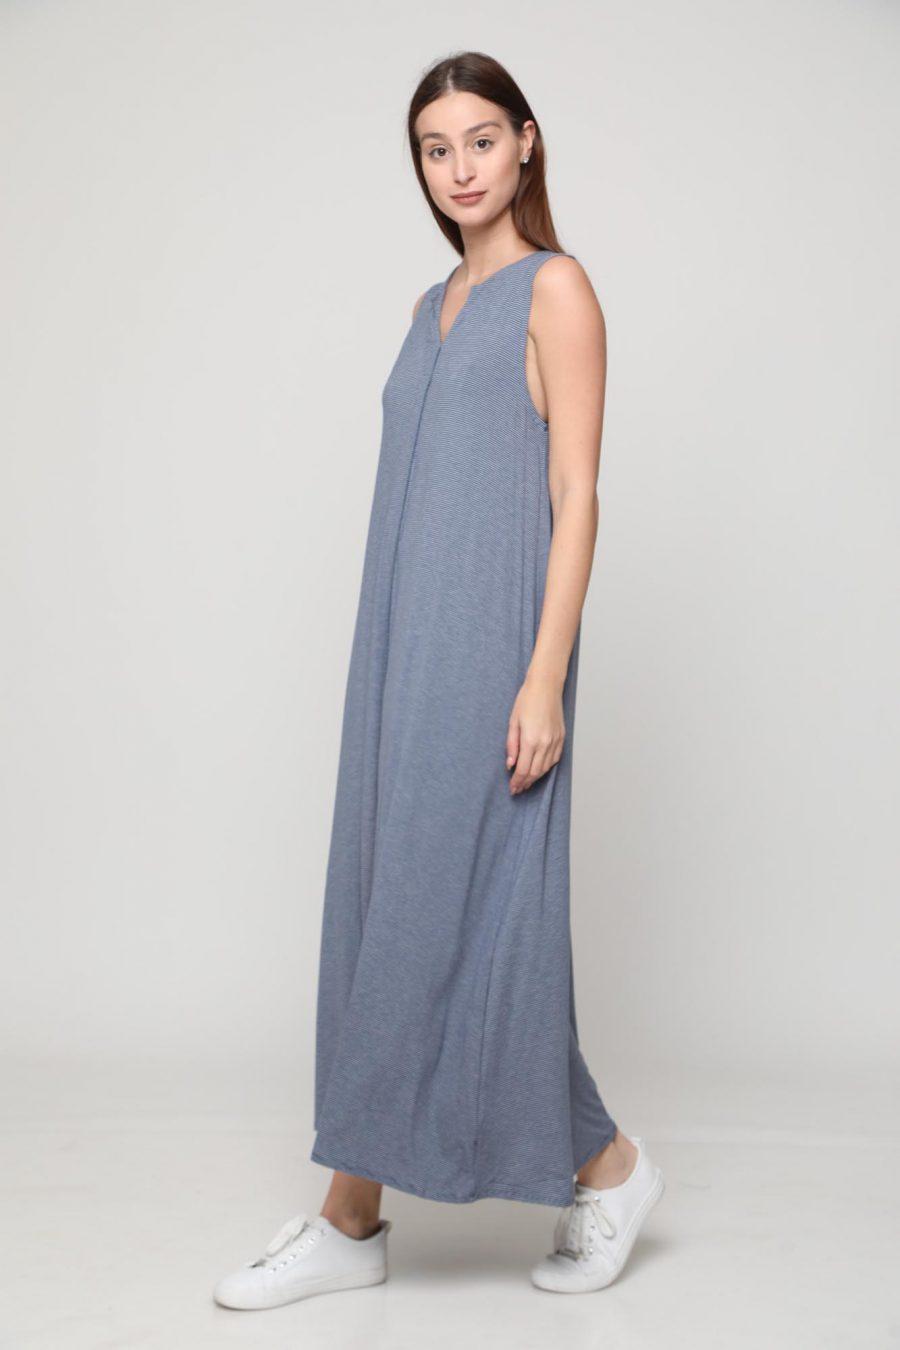 שמלה מונקו כחול